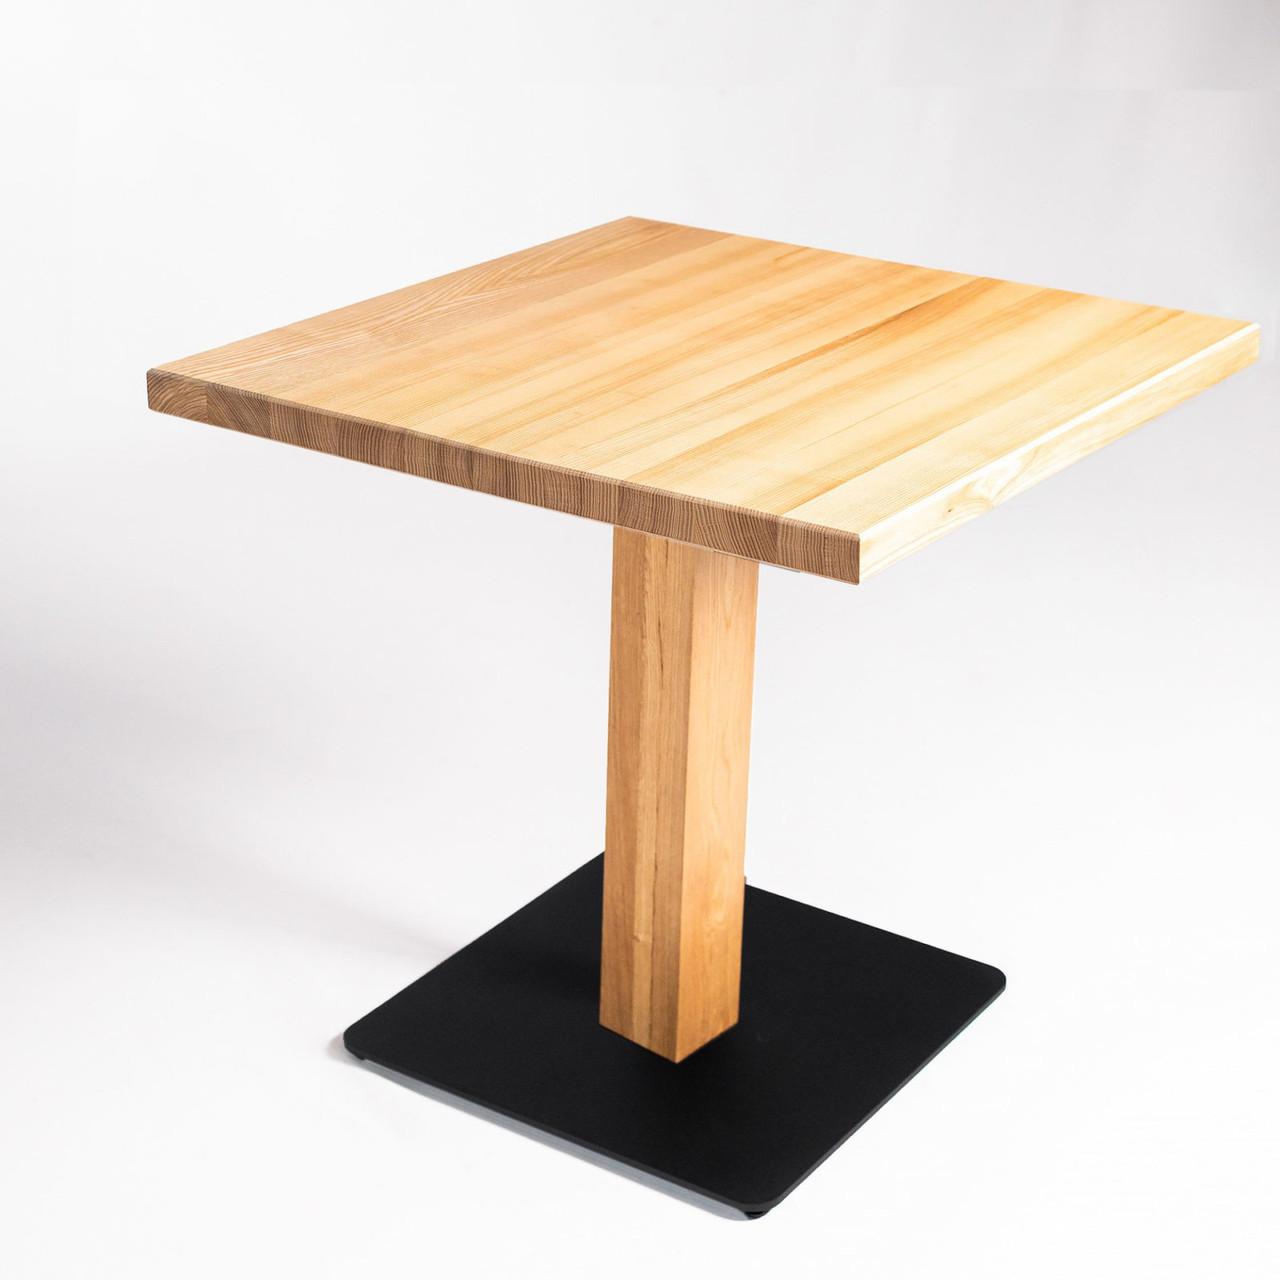 Дерев'яні столики для кафе HoReCa і ресторанів з масиву дерева, опори з металу